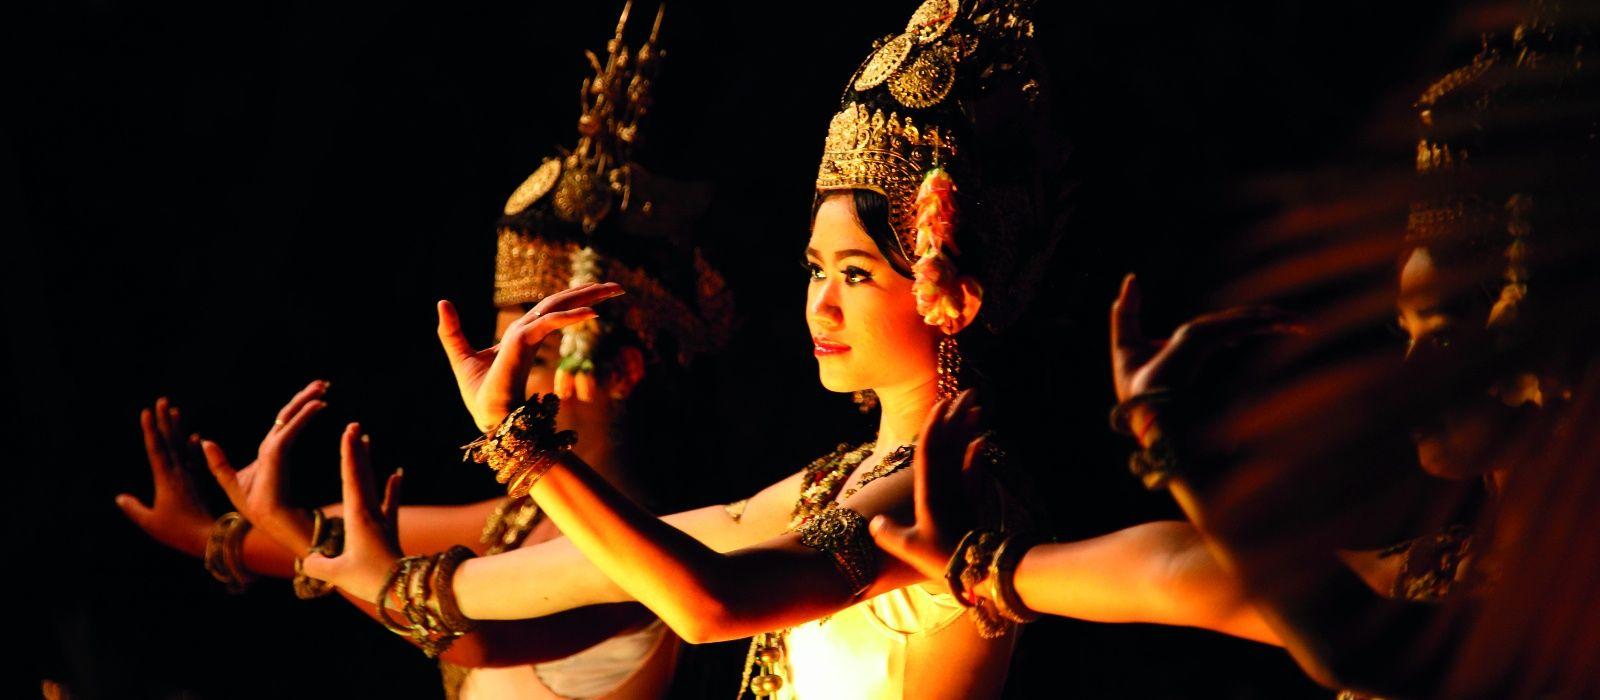 Indochinas Vielfalt intensiv erleben Urlaub 4